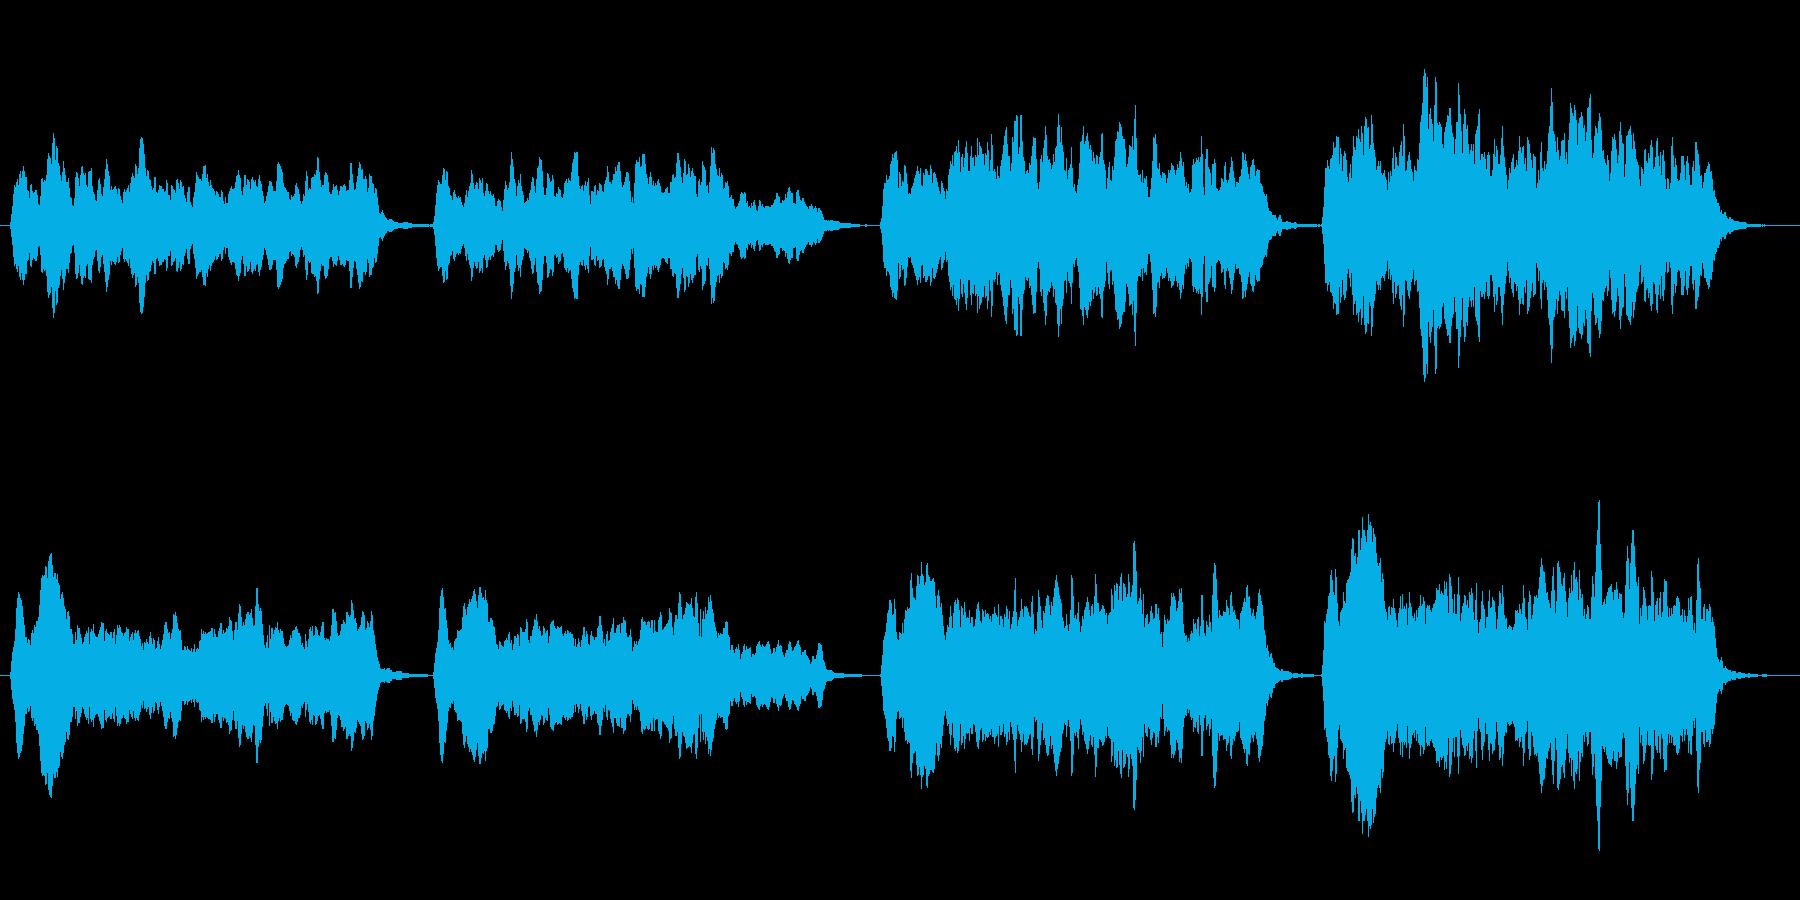 絶望を表現したストリングスの再生済みの波形